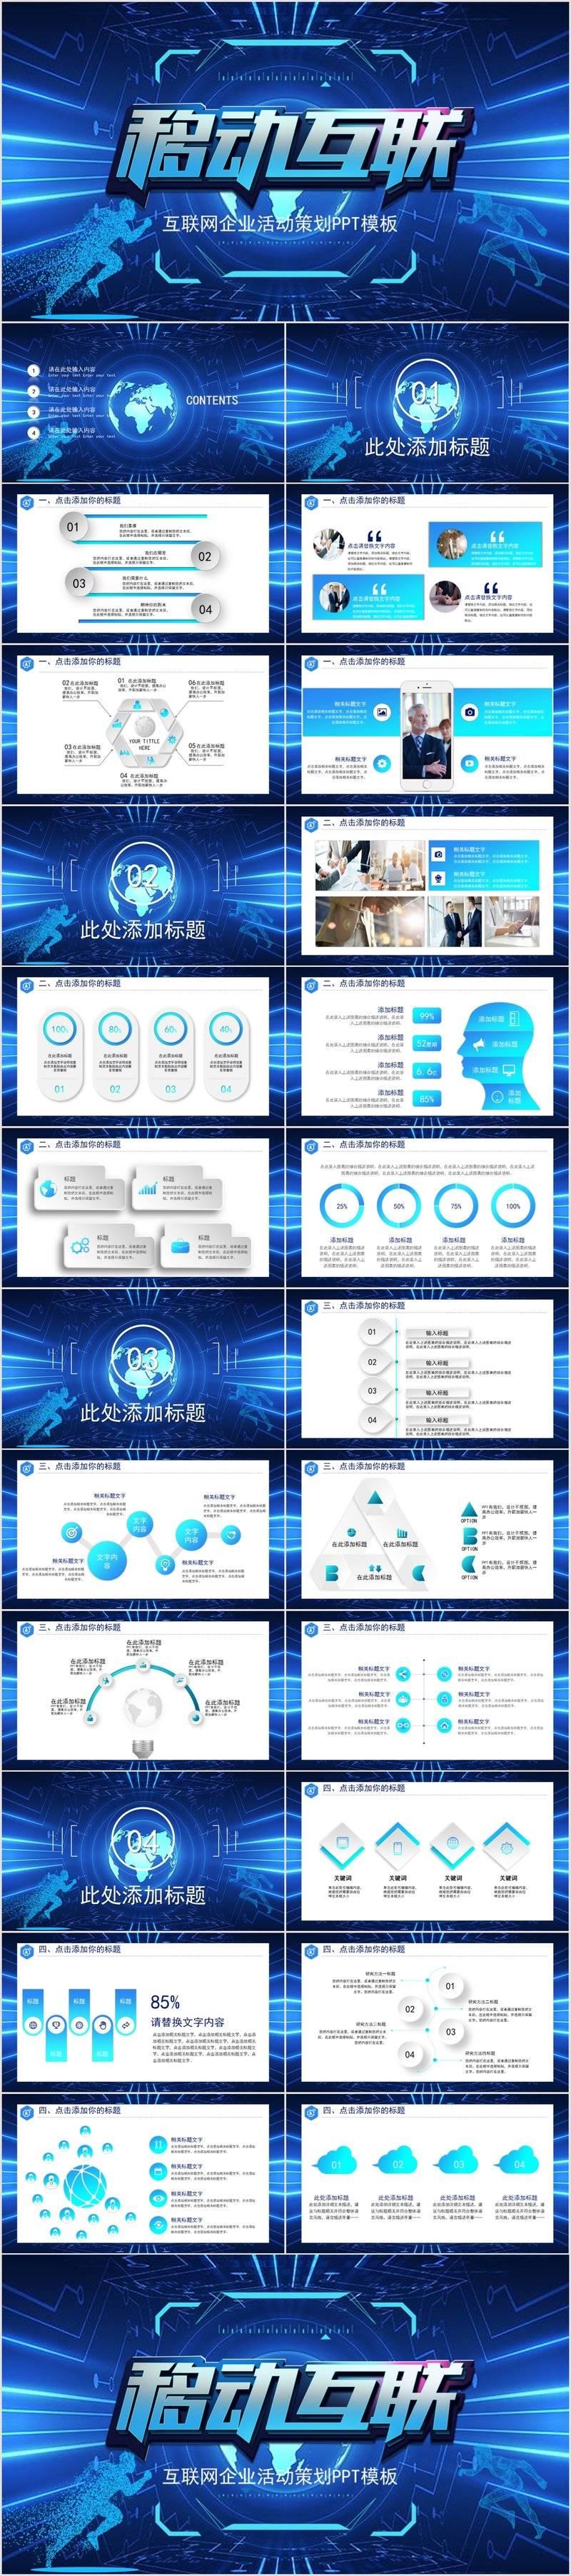 蓝色大气微立体互联网科技商务活动策划通用PPT模板